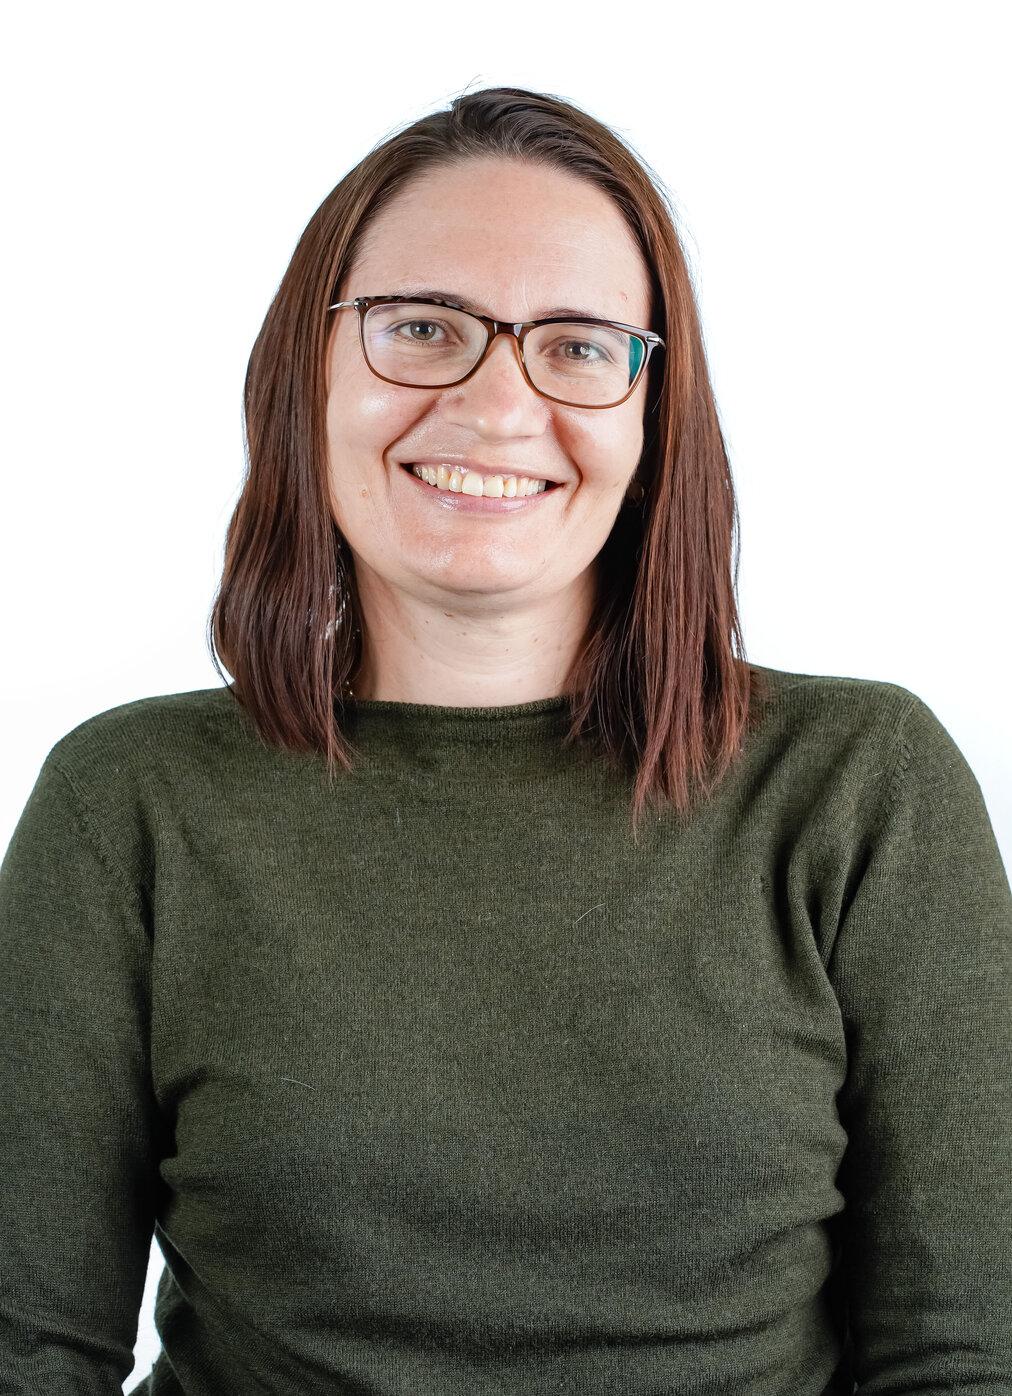 Helen Best's profile photo.